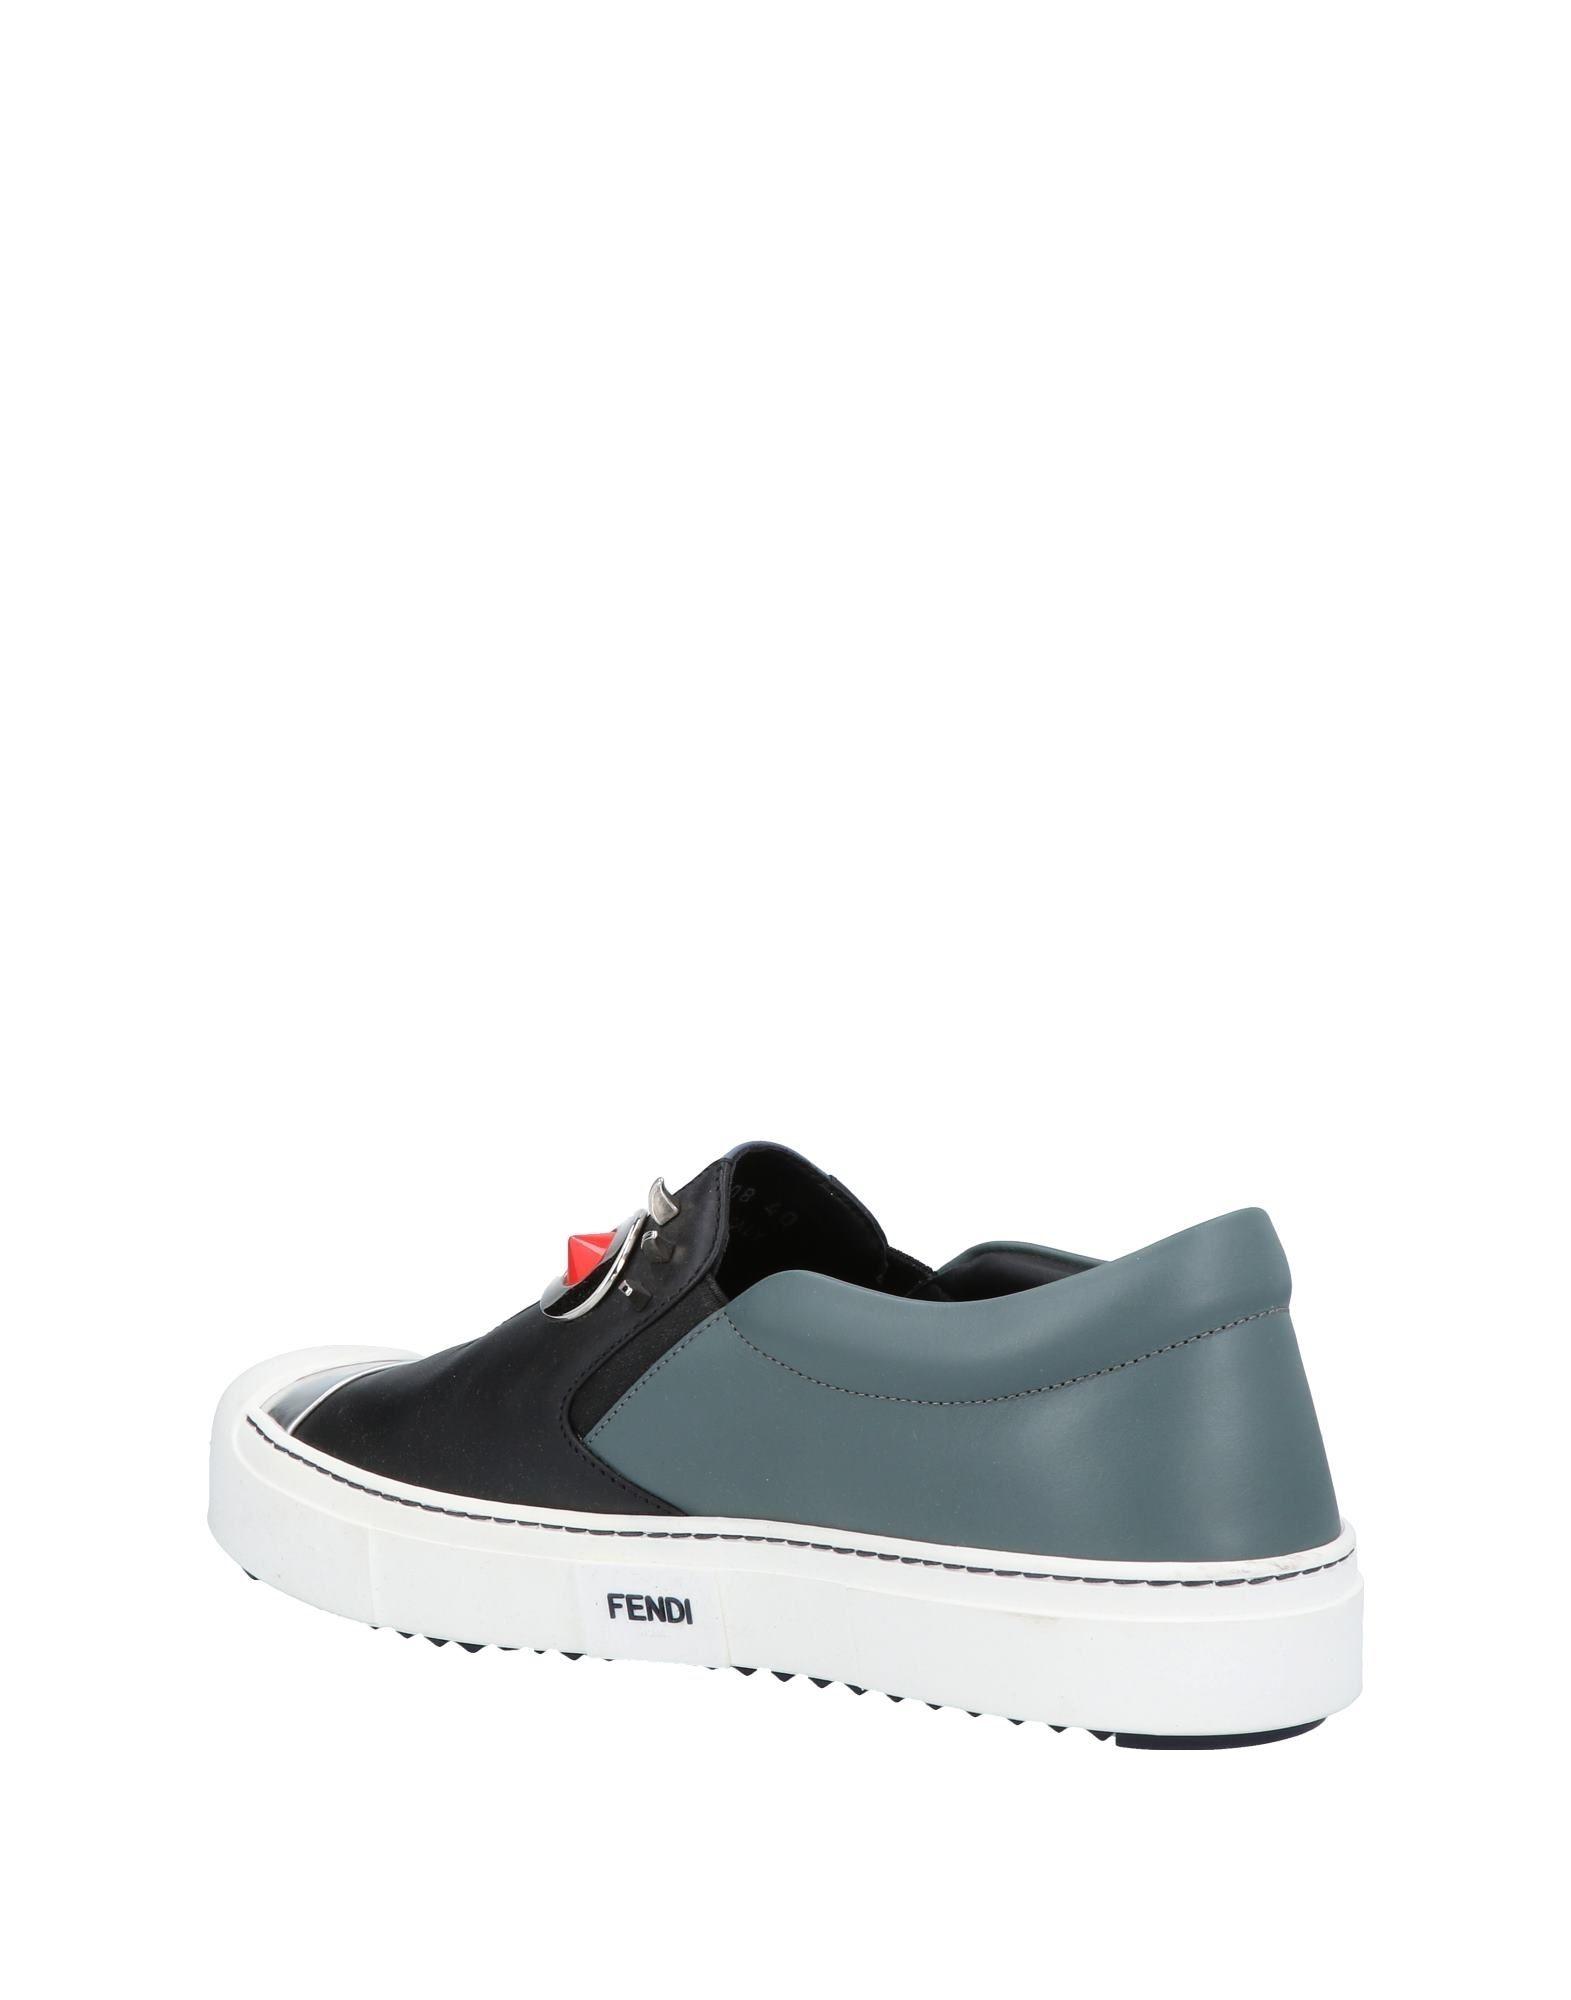 Sneakers Fendi Femme - Sneakers Fendi sur